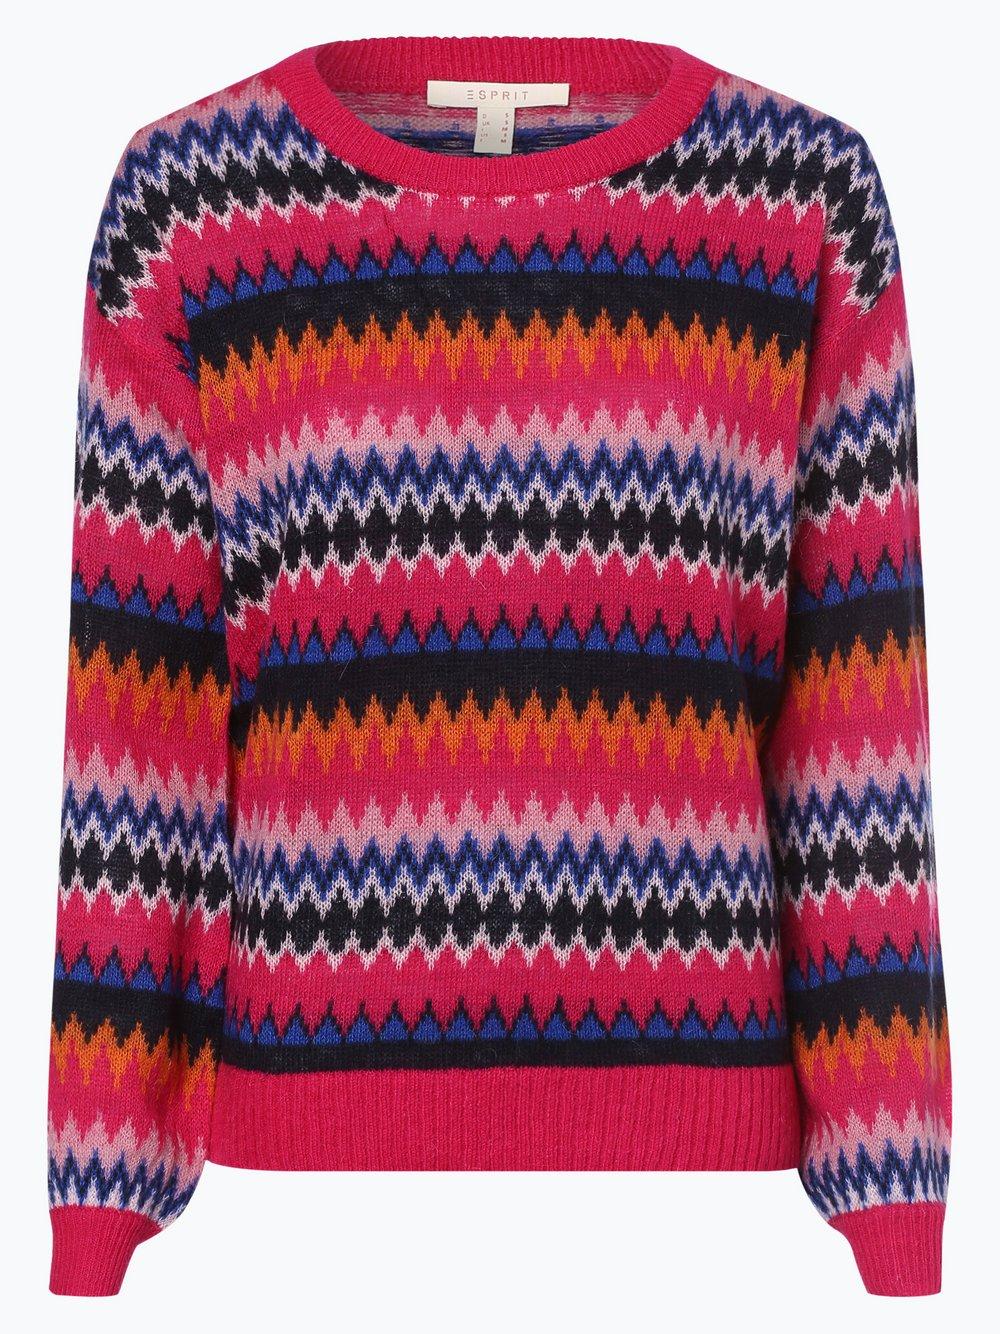 new style 5da07 44913 Esprit Casual Damen Pullover mit Mohair-Anteil online kaufen ...